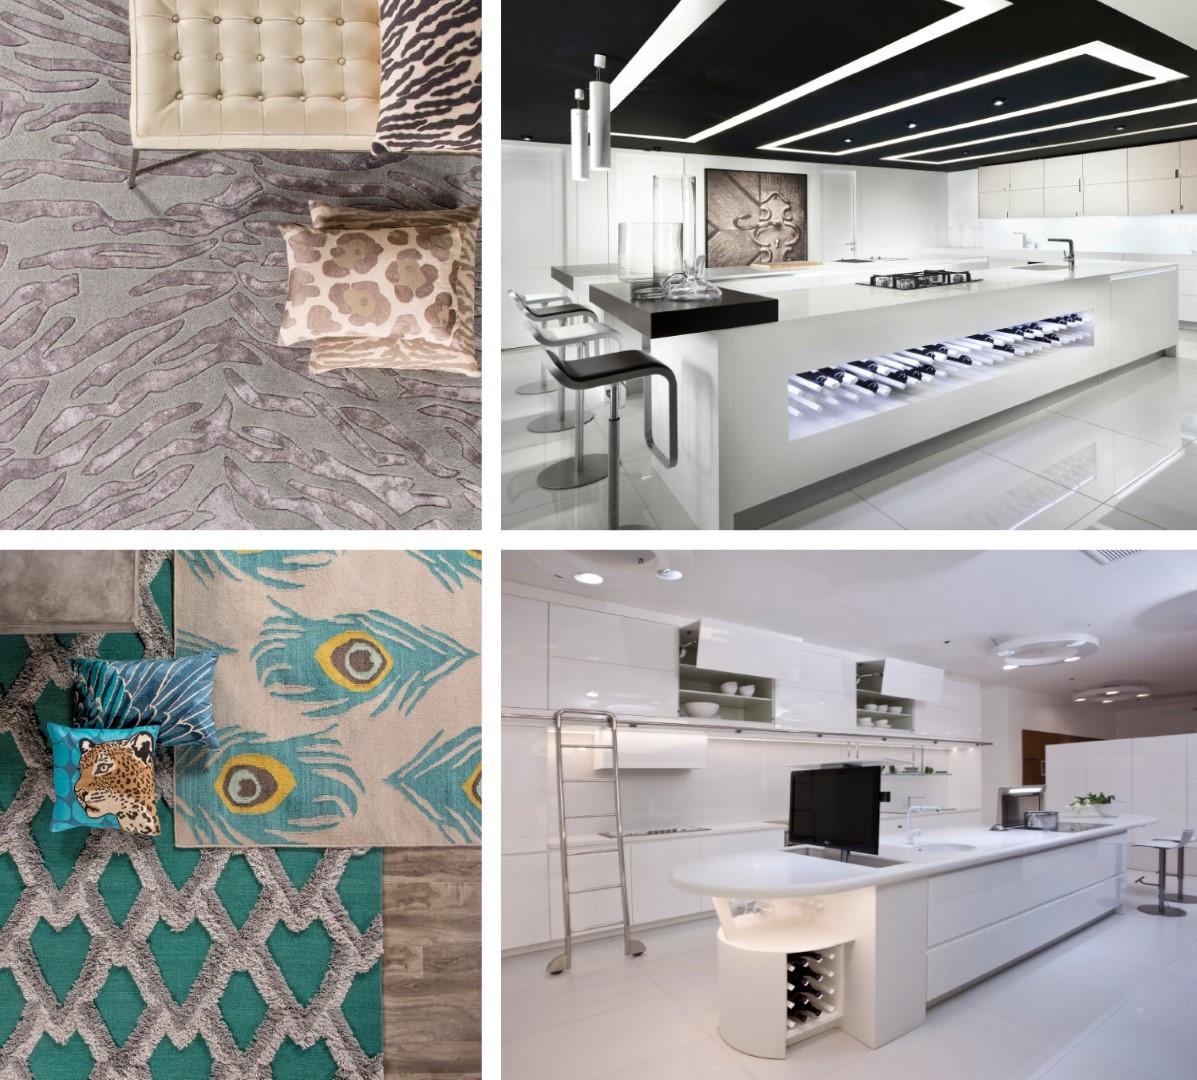 עיצוב לשנה החדשה של רשת מטבחי דקור וצמר שטיחים יפים ()